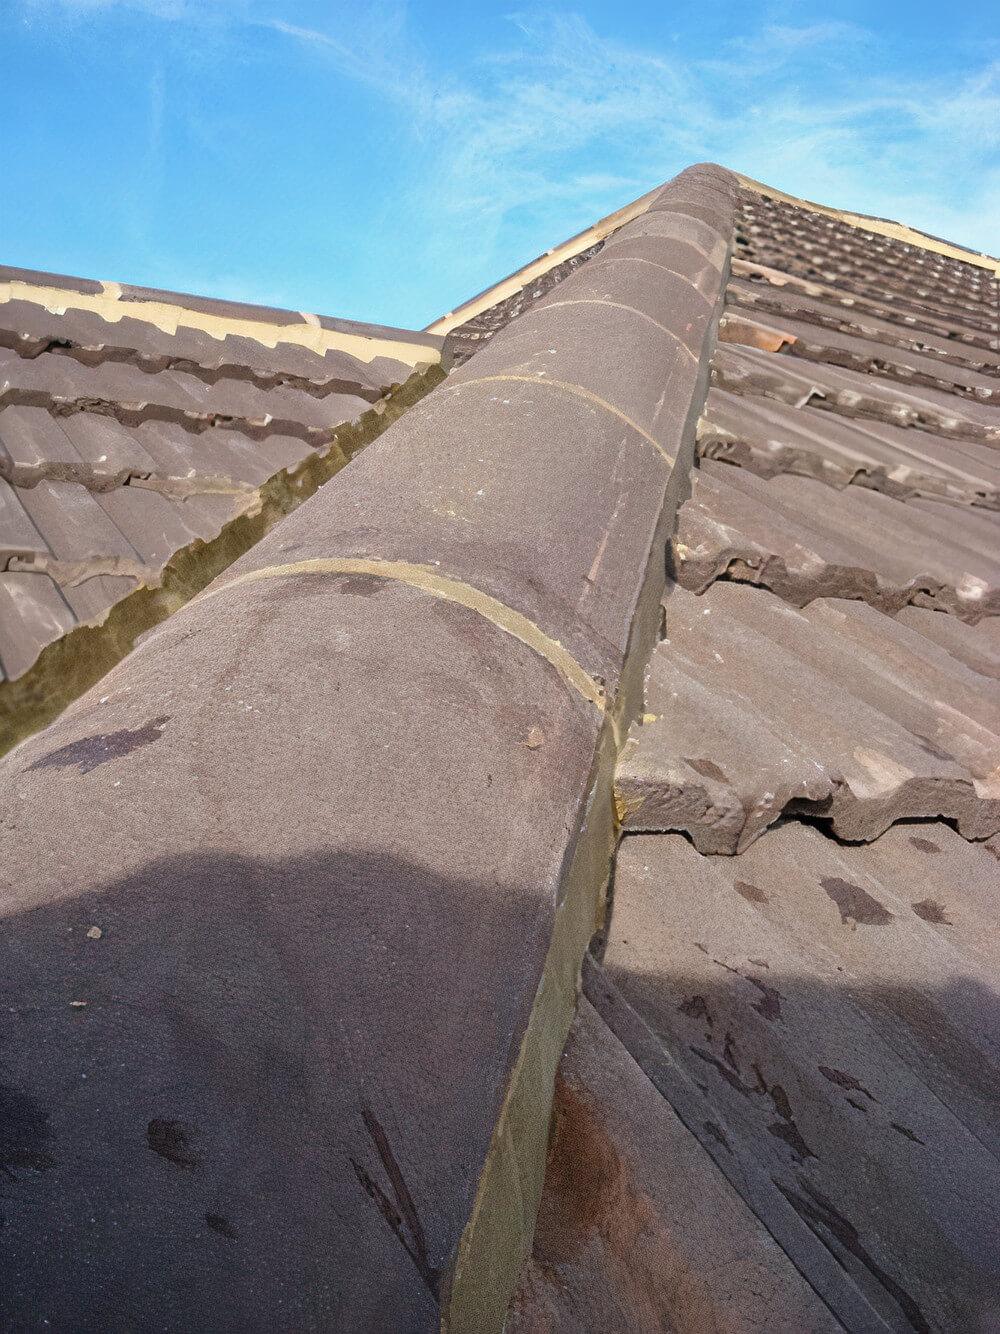 ridge-tile-repointing-3